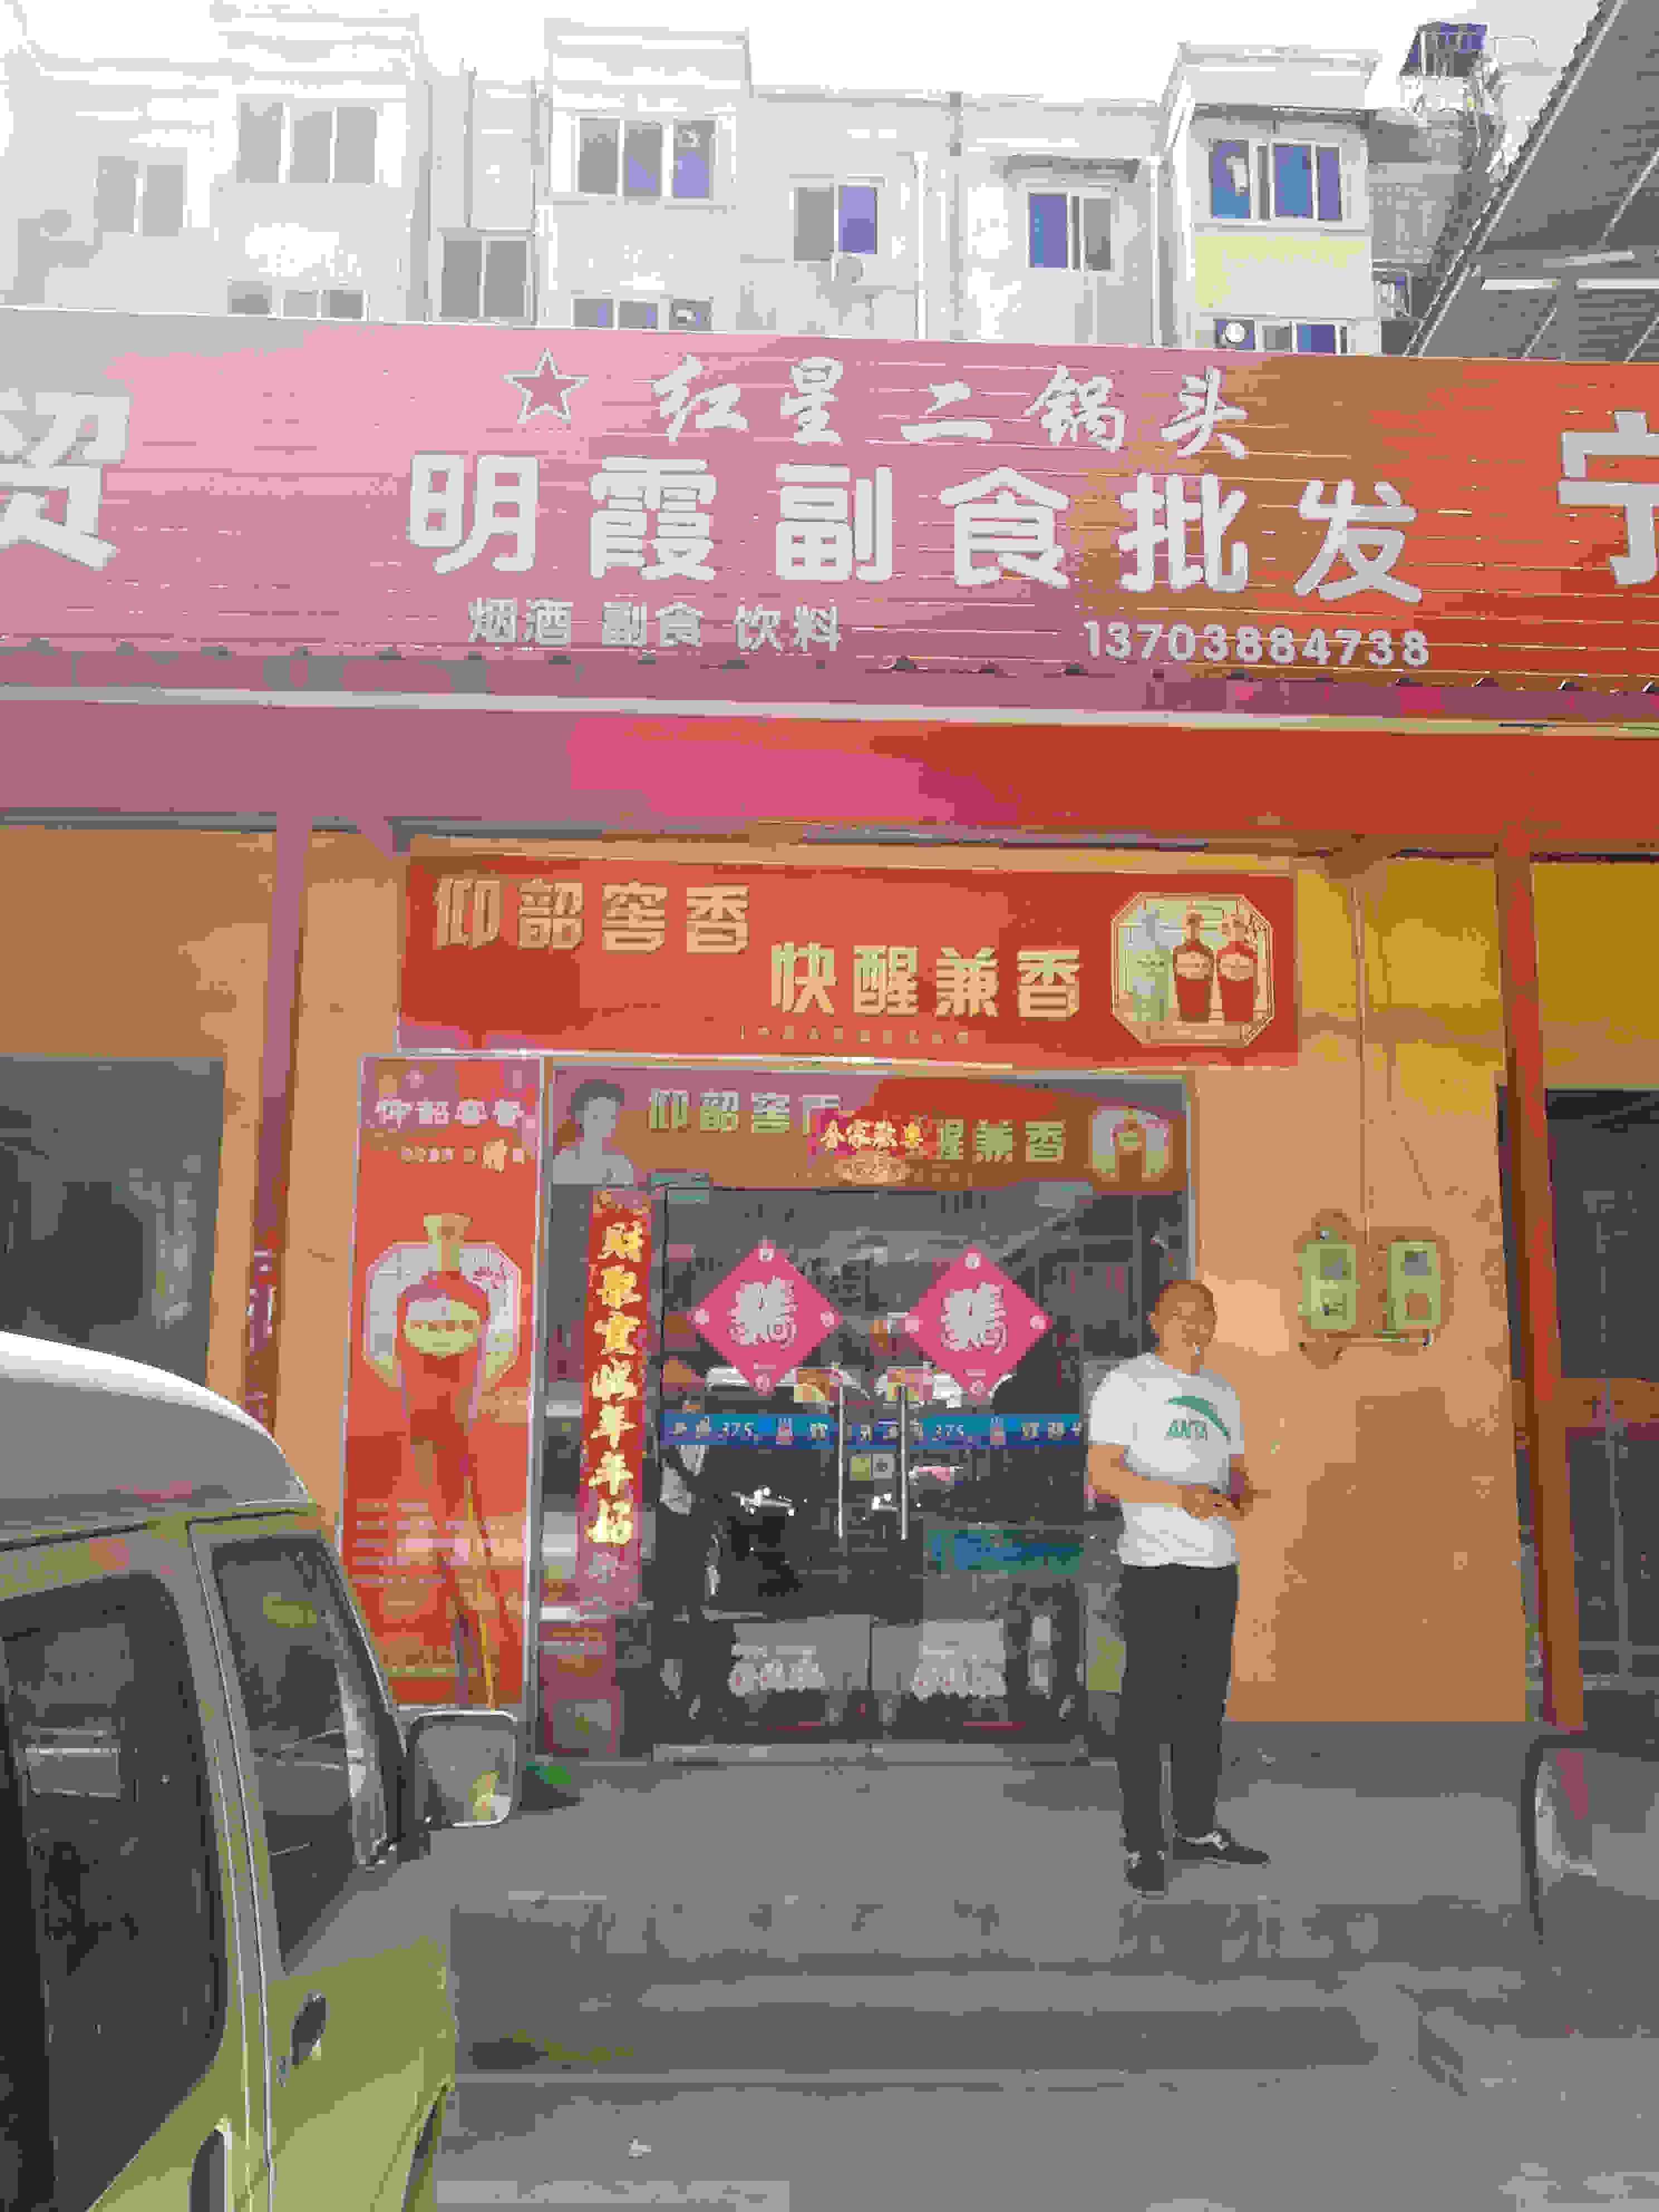 明霞副食批发—经商创业产业园